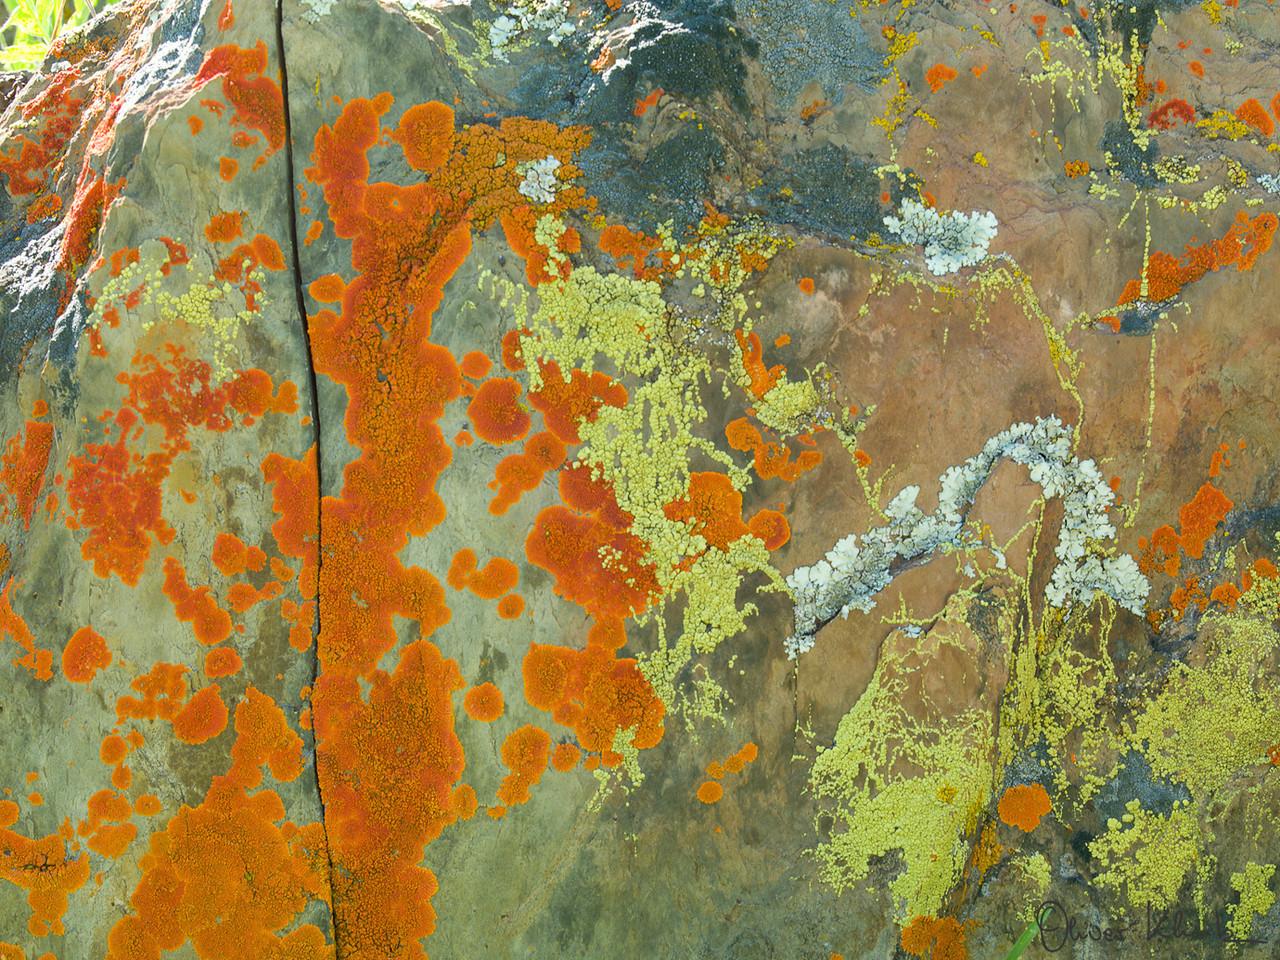 LICH_0001 Title: The Wonderful Lichens (2011)